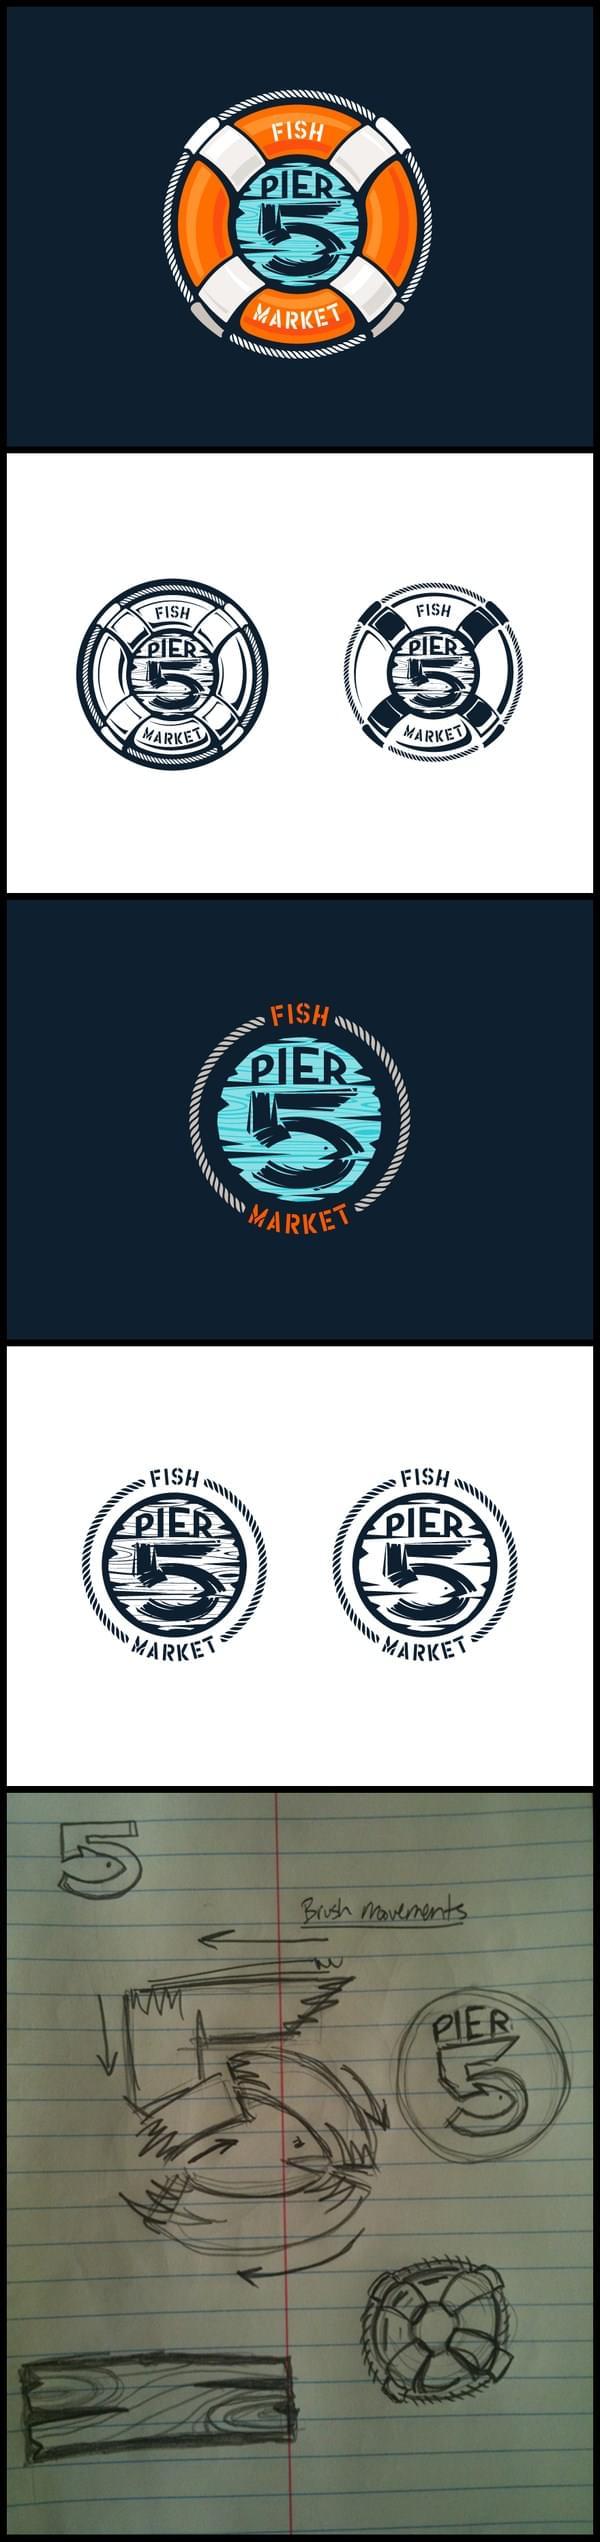 Logo Design Inspiration 04